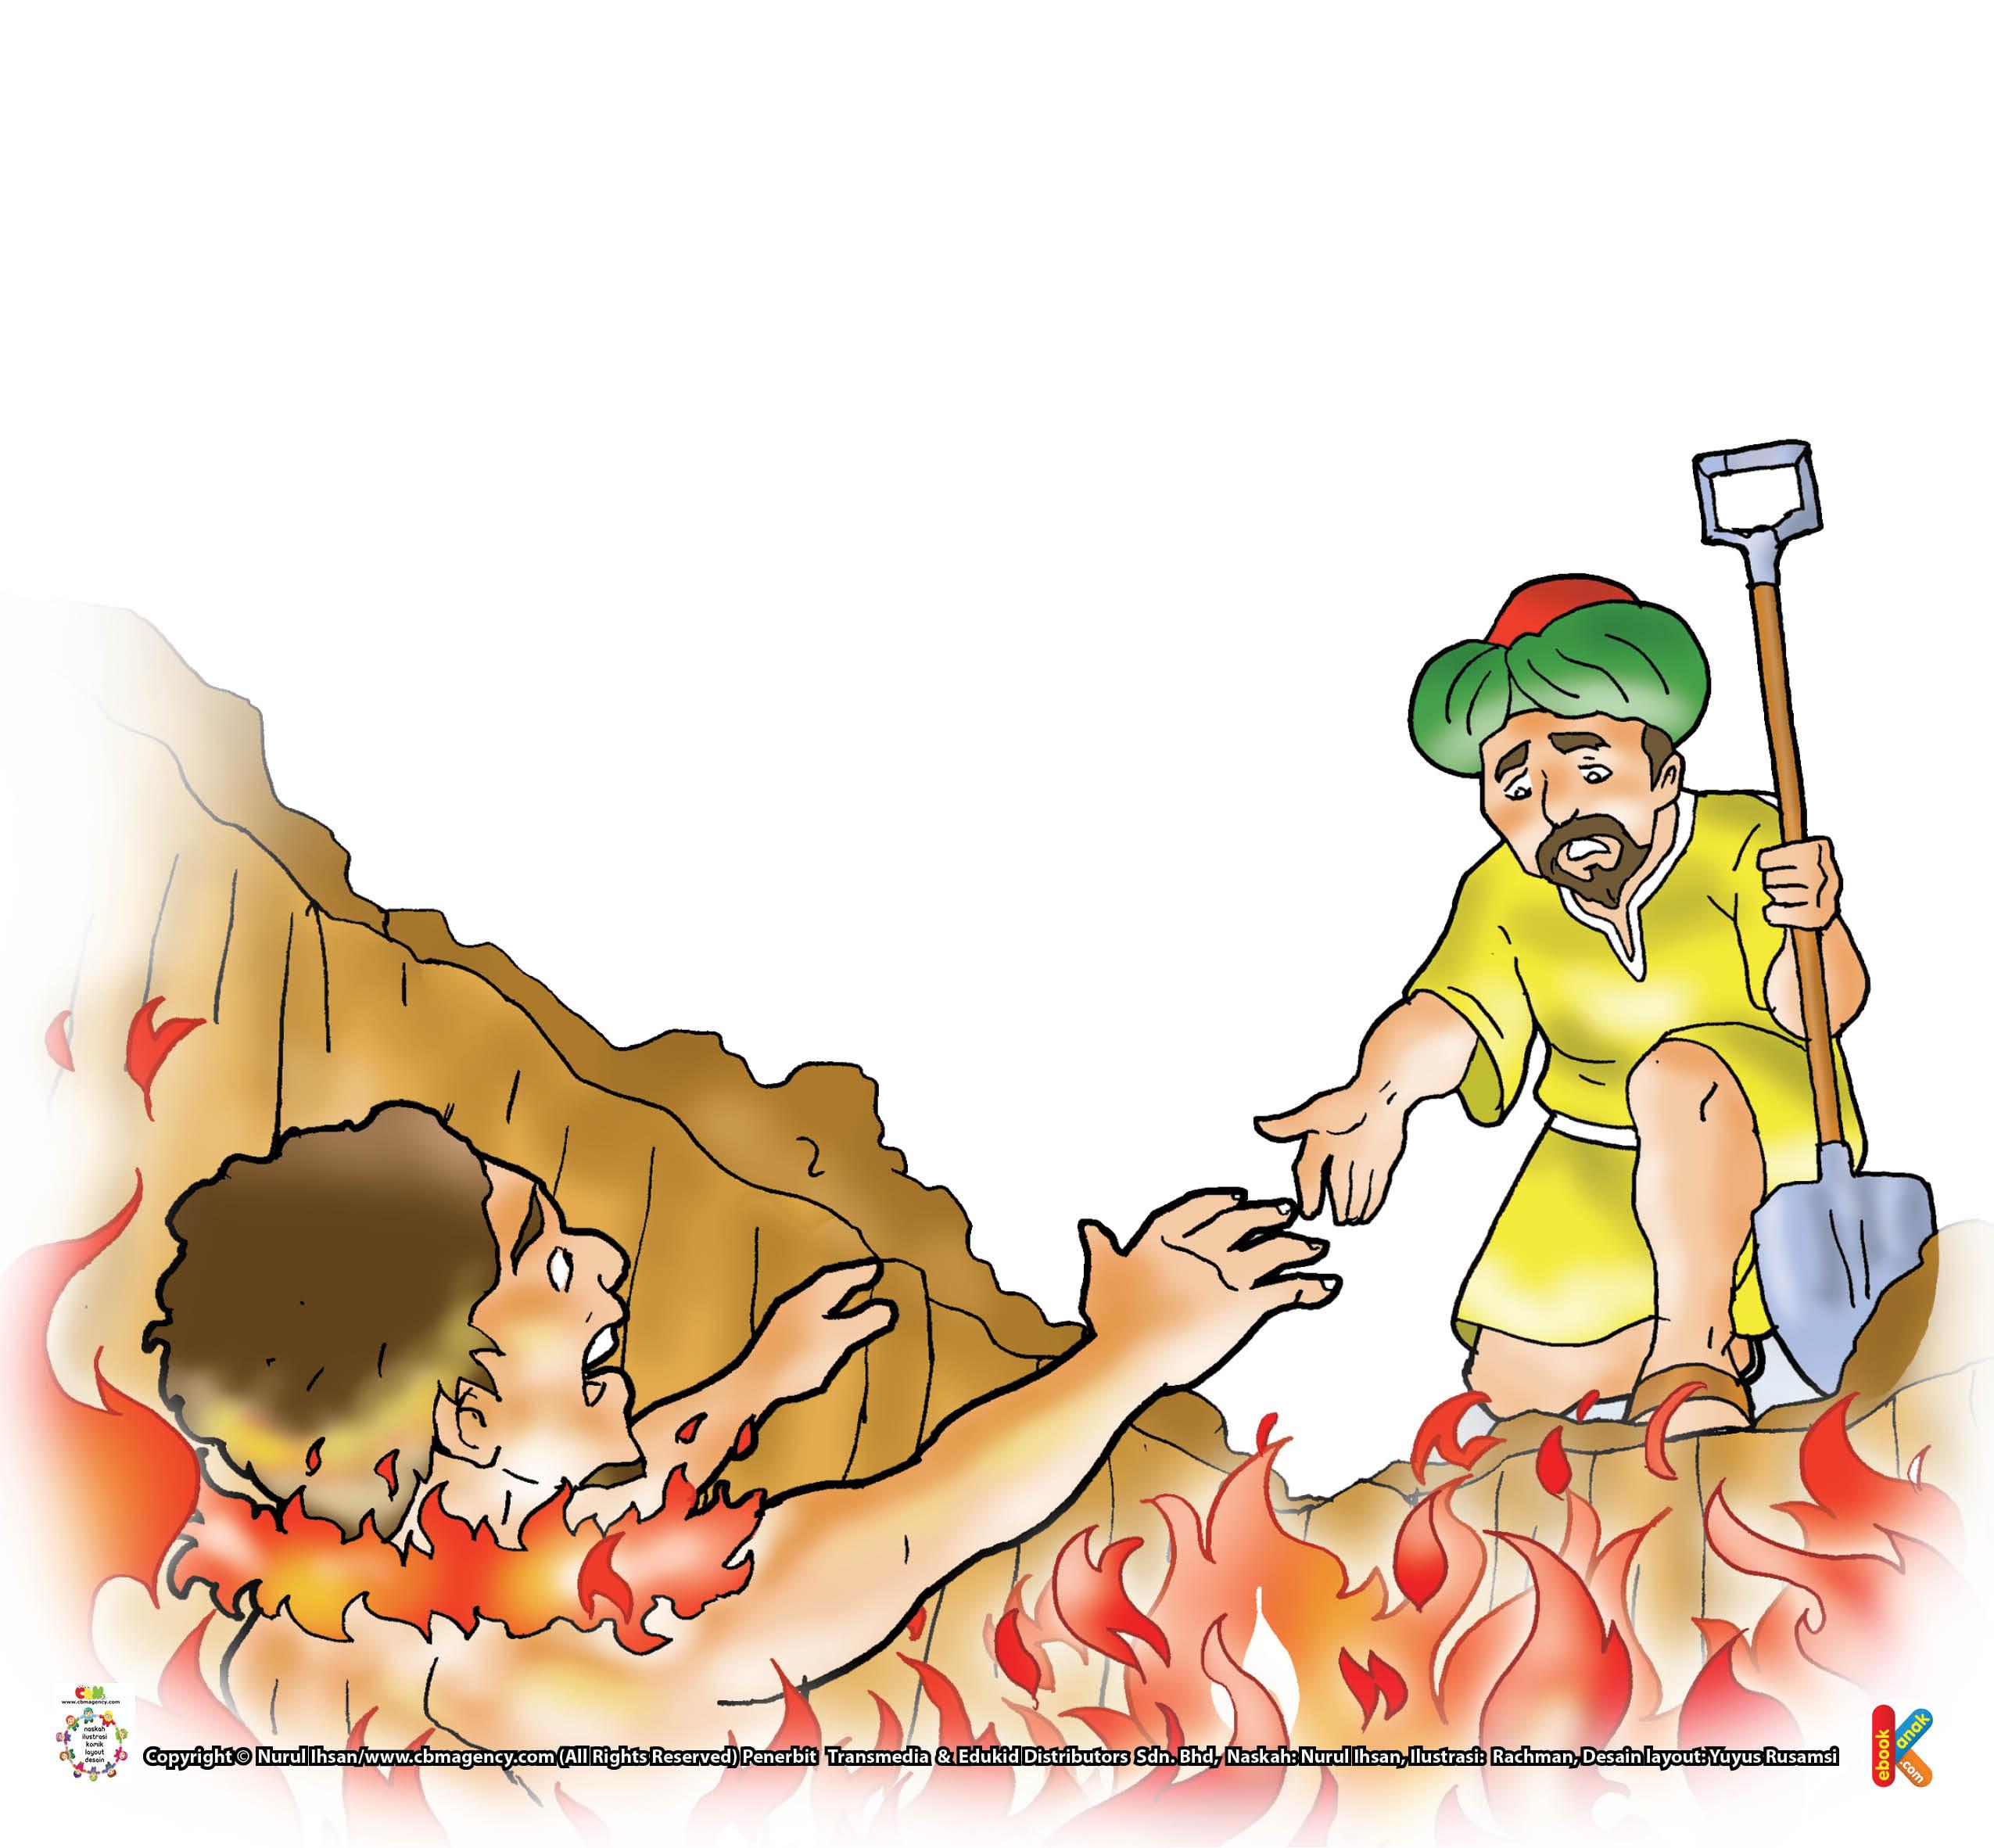 """""""Aku bersedih, adikku tak pernah berhenti menerima azab, sejak pagi hingga sore,"""" kata Abu Sinan."""